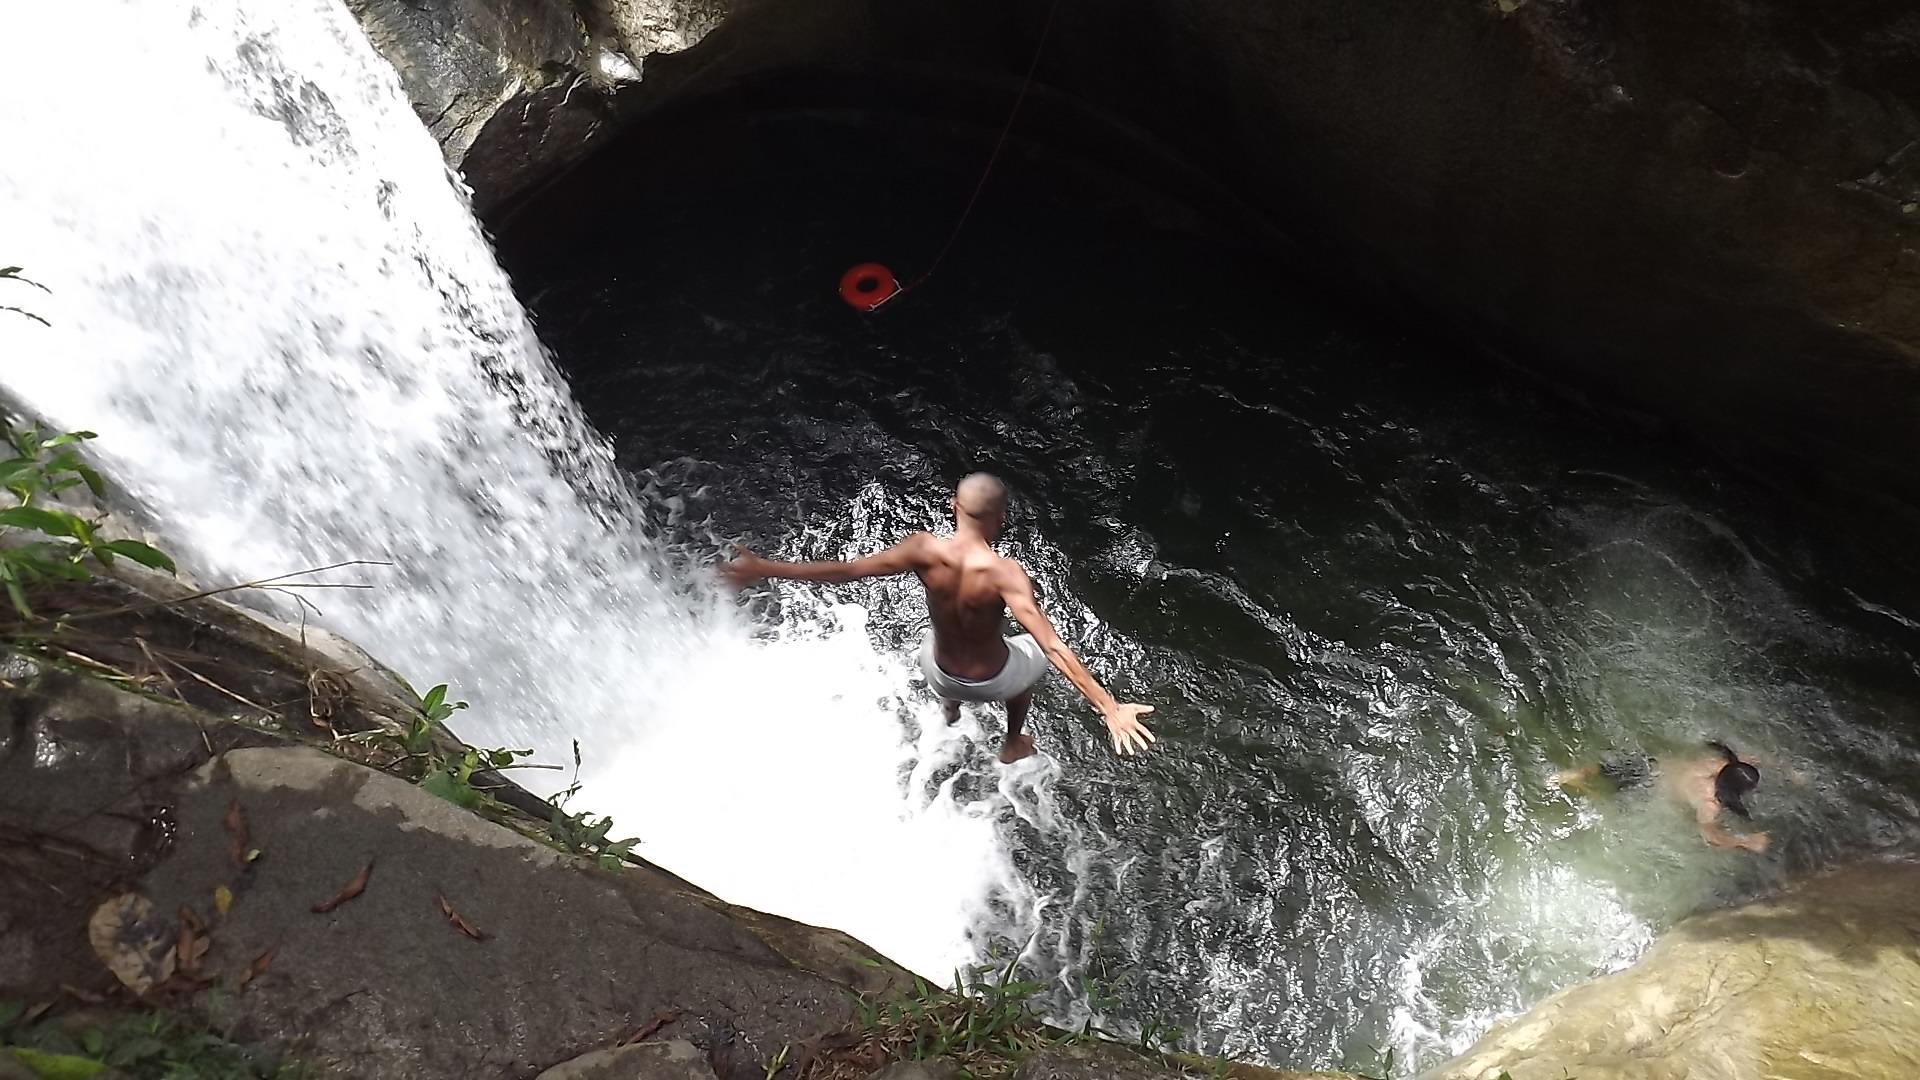 Serra A Cima Turismo de Aventura em Lumiar, São Pedro da Serra, Boa Esperança, Rio Bonito e Macaé de Cima, Nova Friburgo